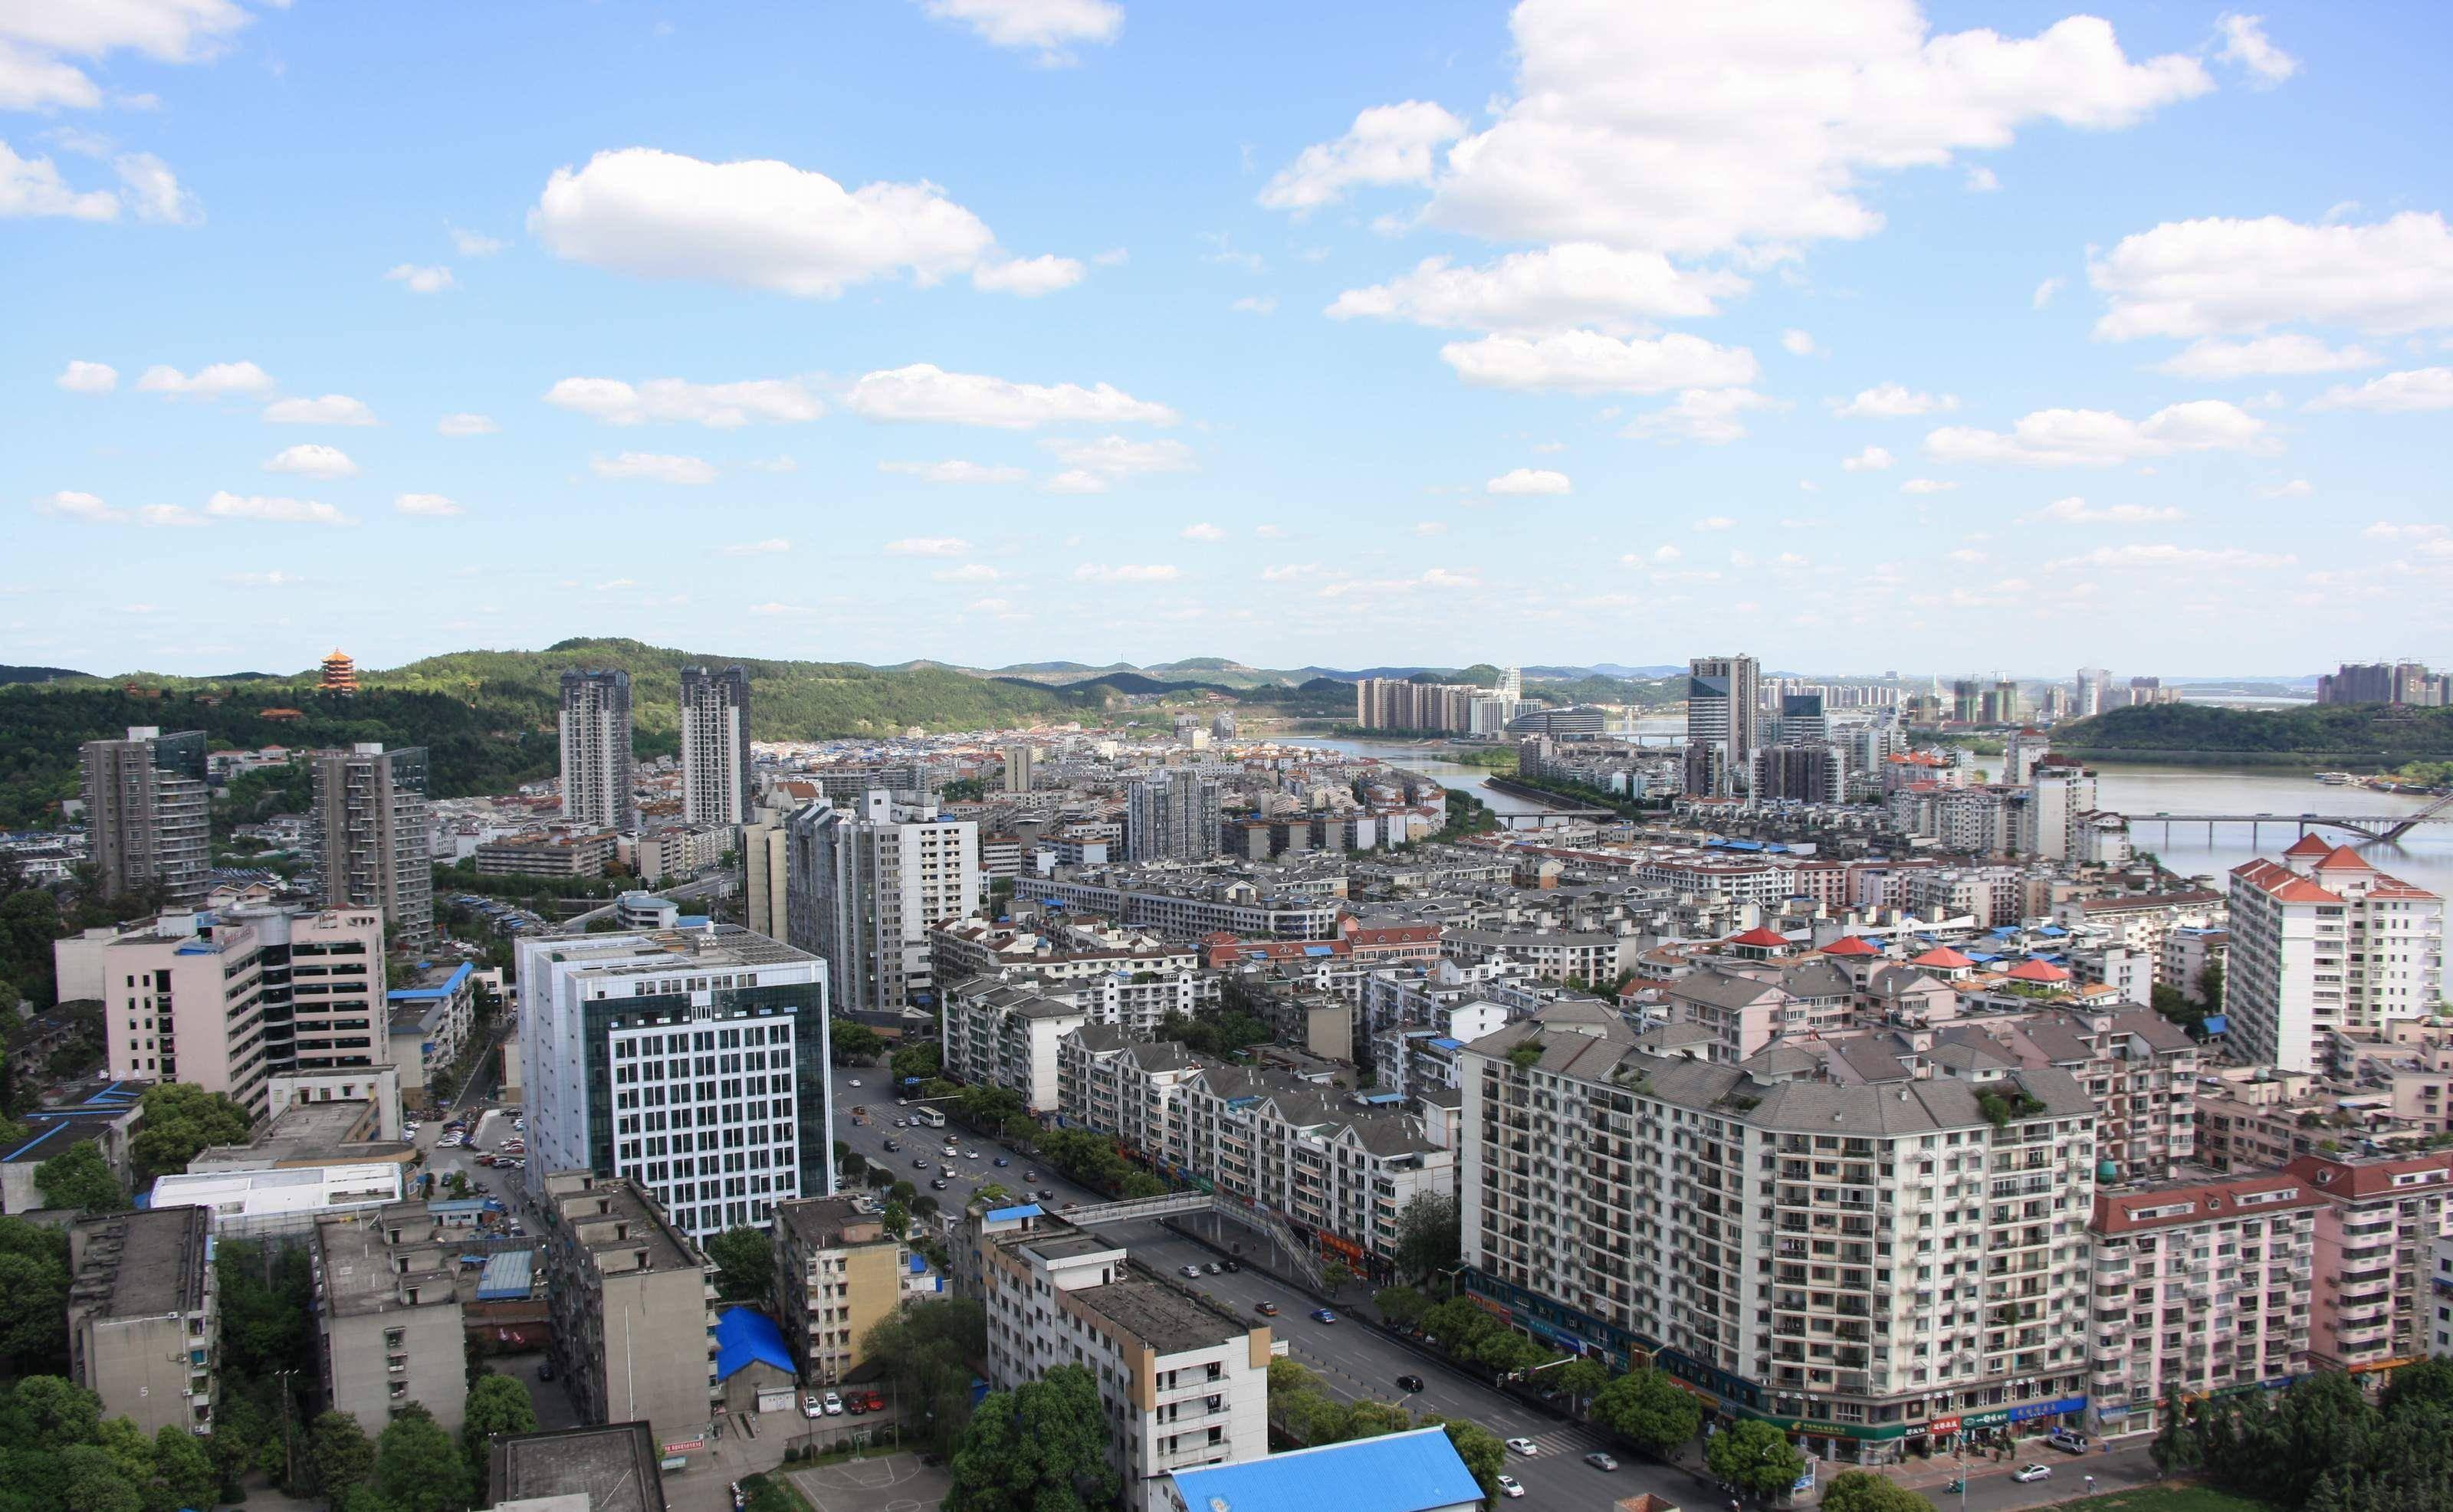 湖北省枣阳市gdp居襄阳之首_喜大普奔 湖北这5地入列全国首批特色小镇名单,比比谁的家乡更美